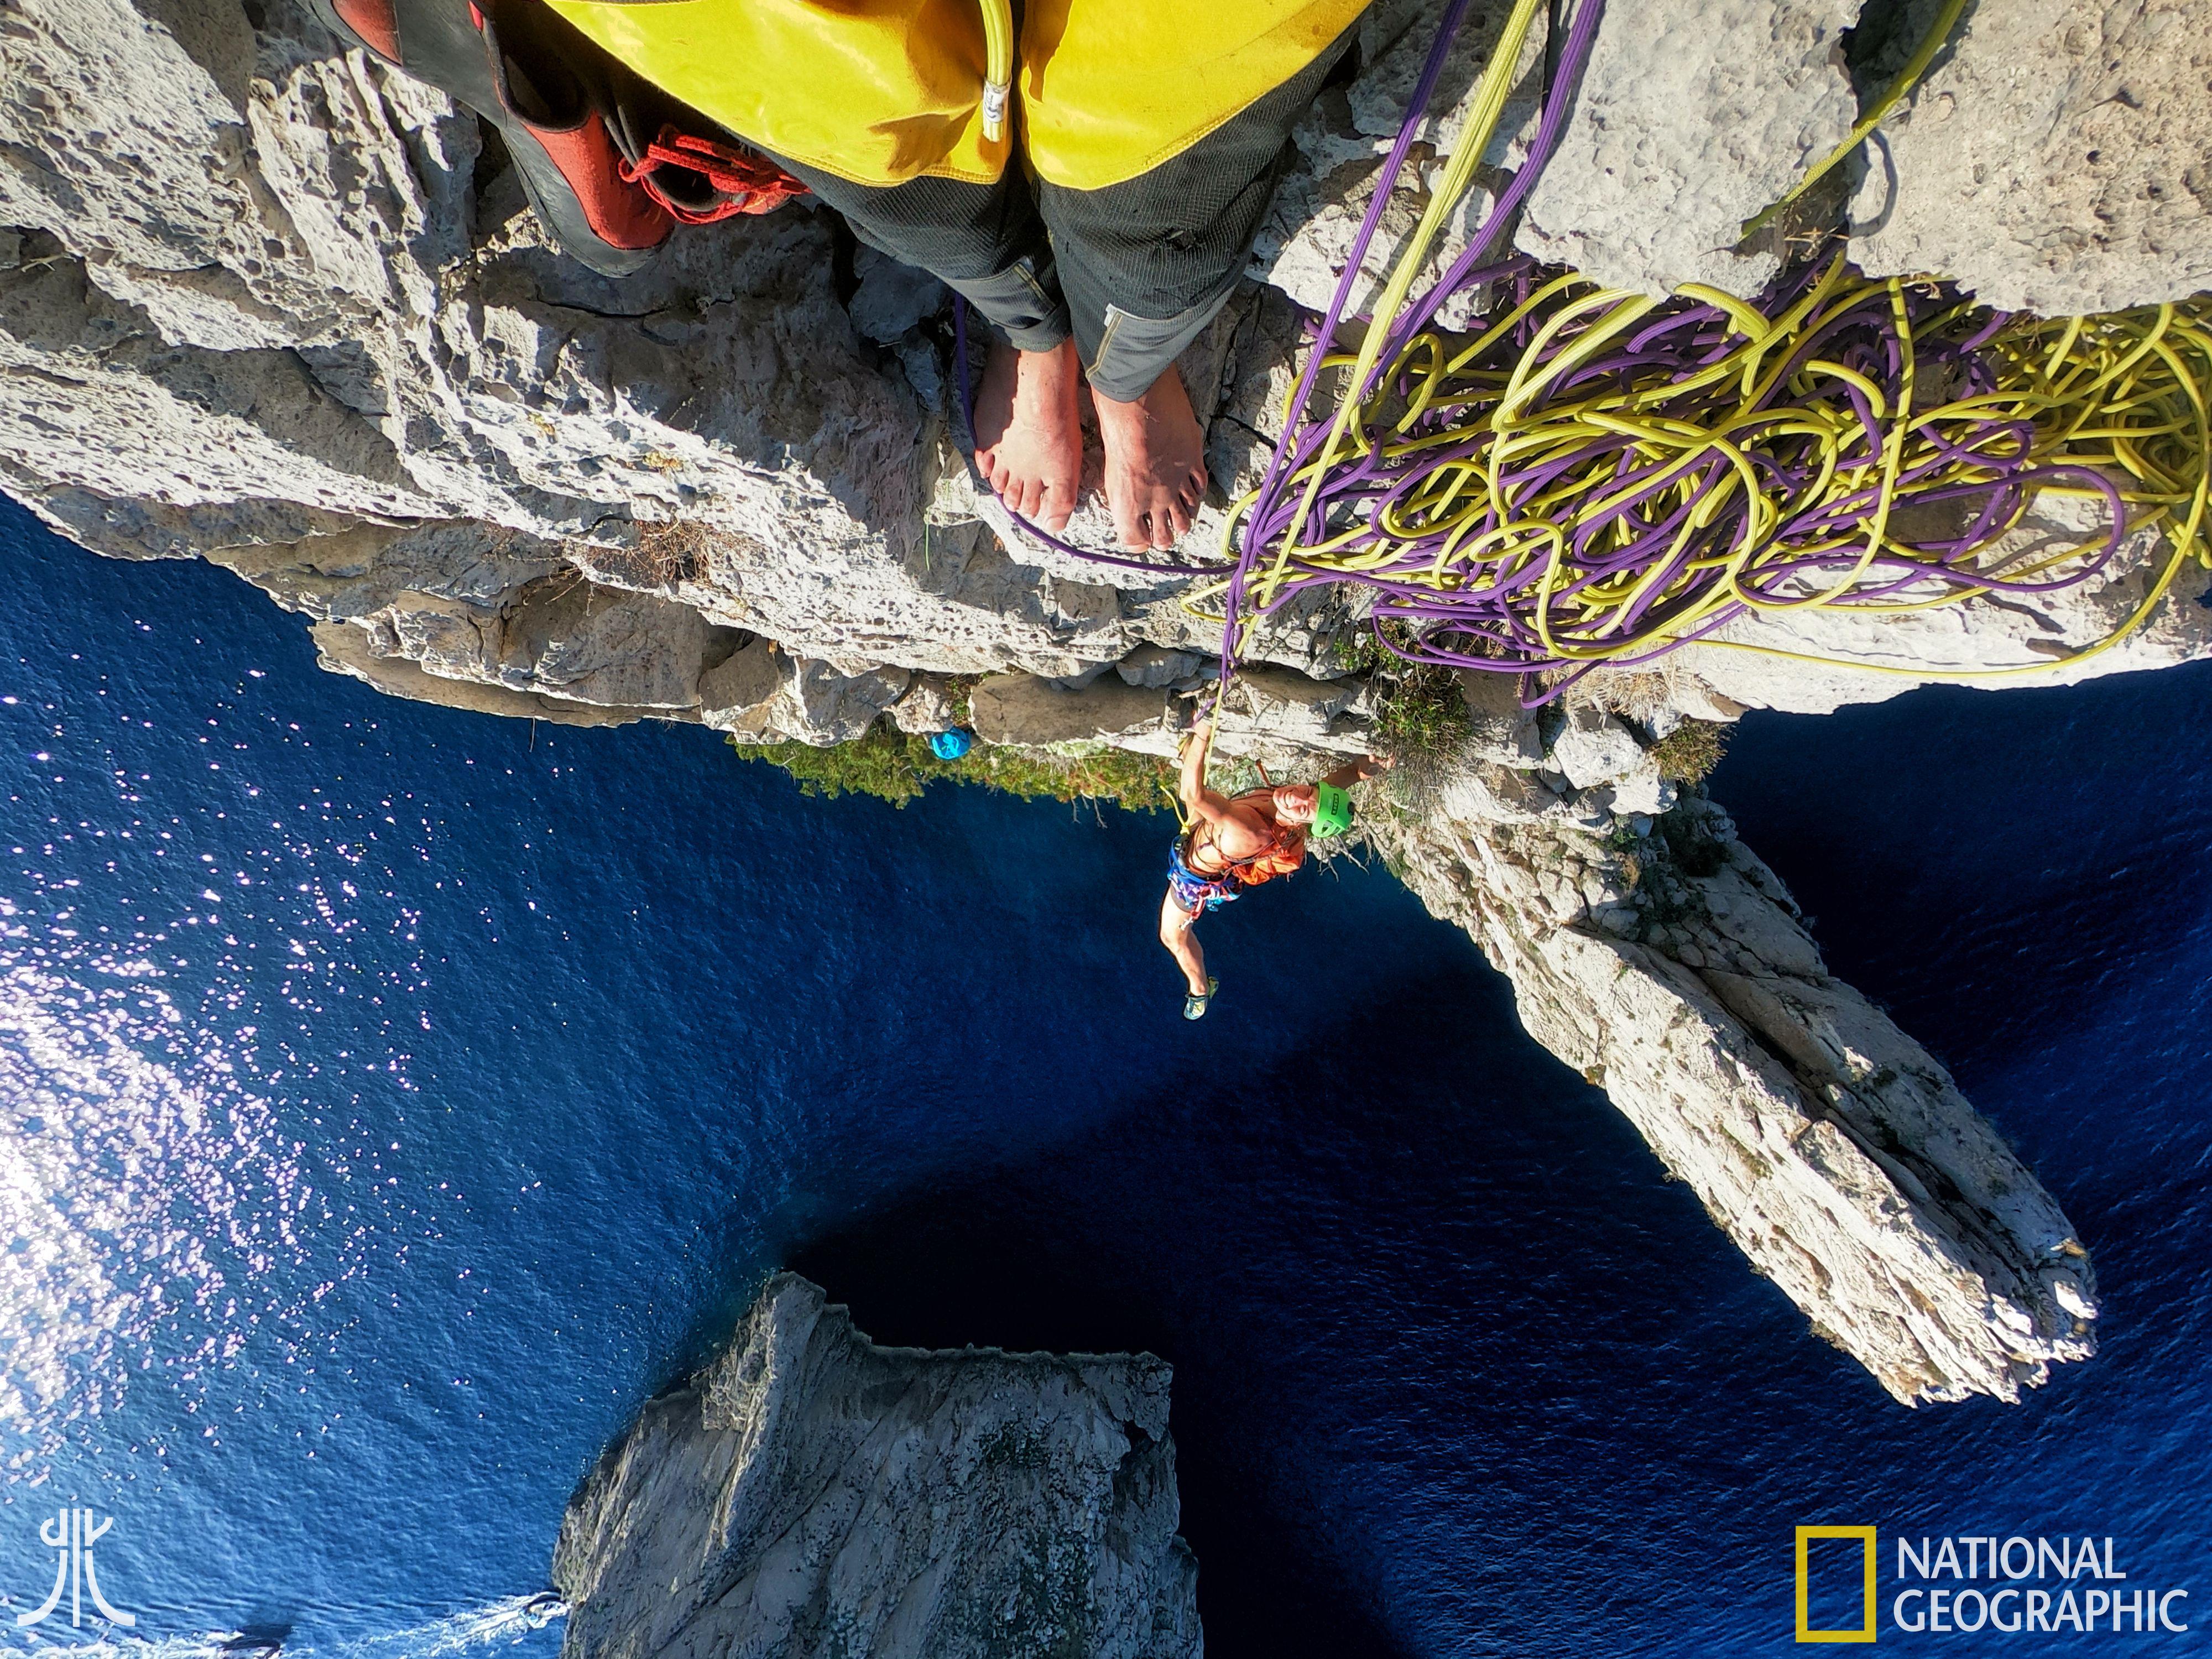 capri faraglioni national geographic direzione verticale spigolo terra climbing alpinismo